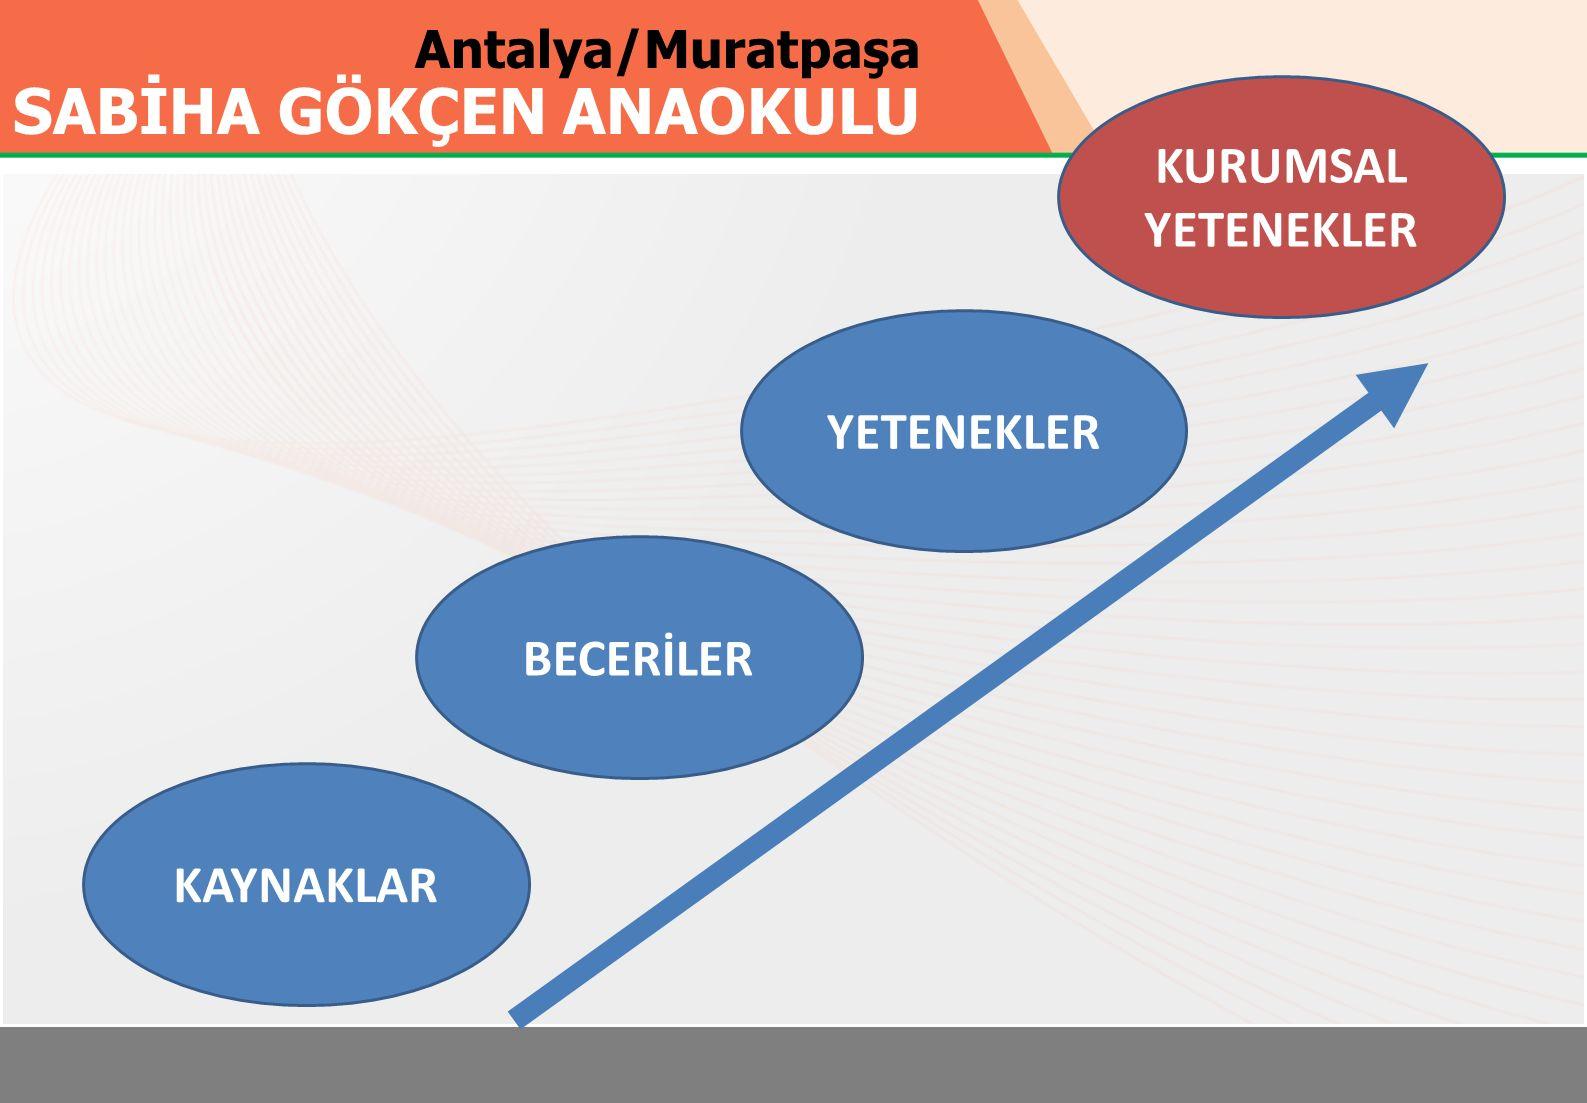 Antalya/Muratpaşa SABİHA GÖKÇEN ANAOKULU KAYNAKLAR BECERİLER YETENEKLER KURUMSAL YETENEKLER